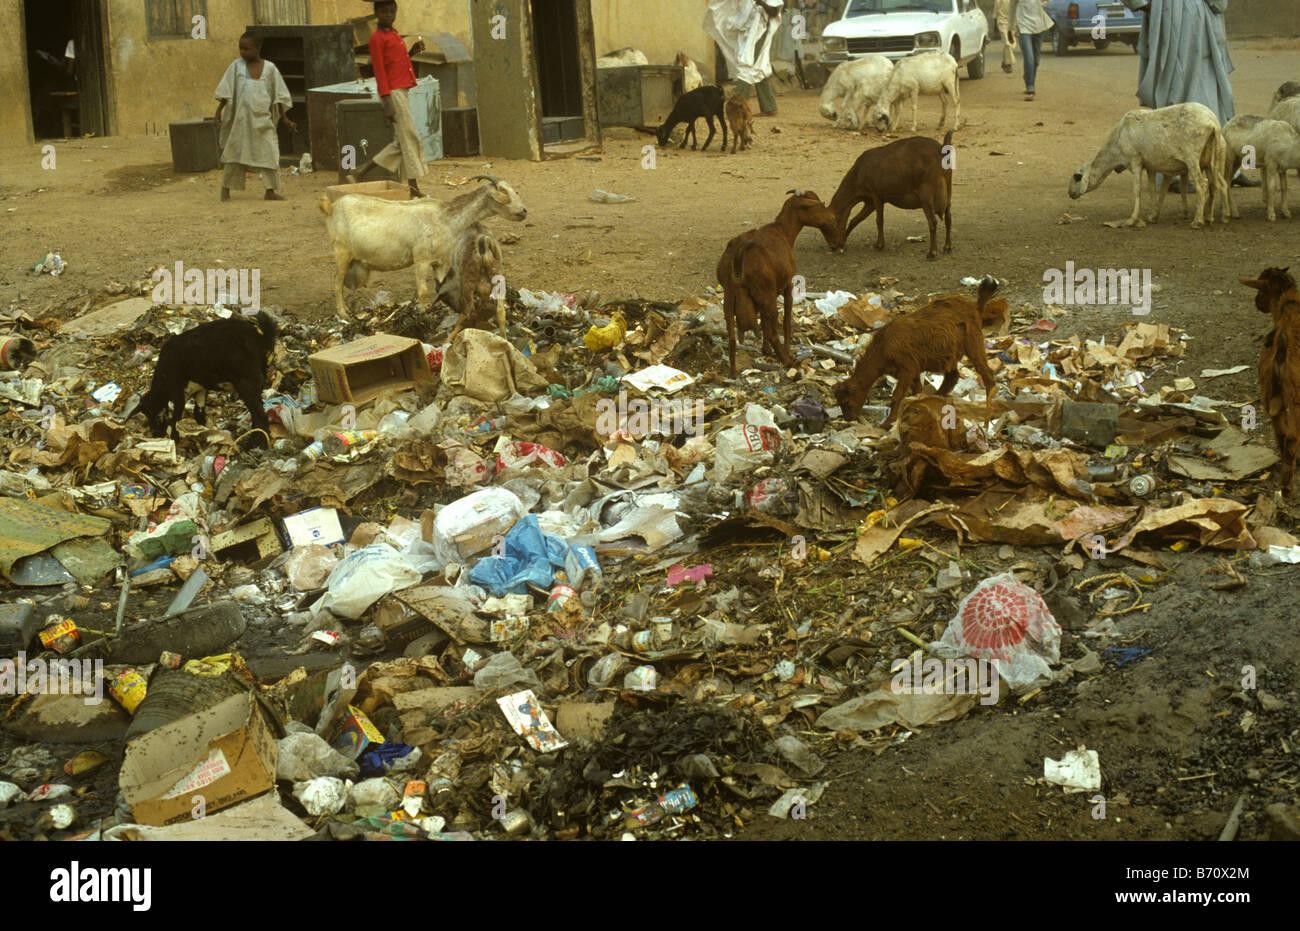 Los desechos domésticos y basura en las calles de una ciudad de Nigeria Imagen De Stock